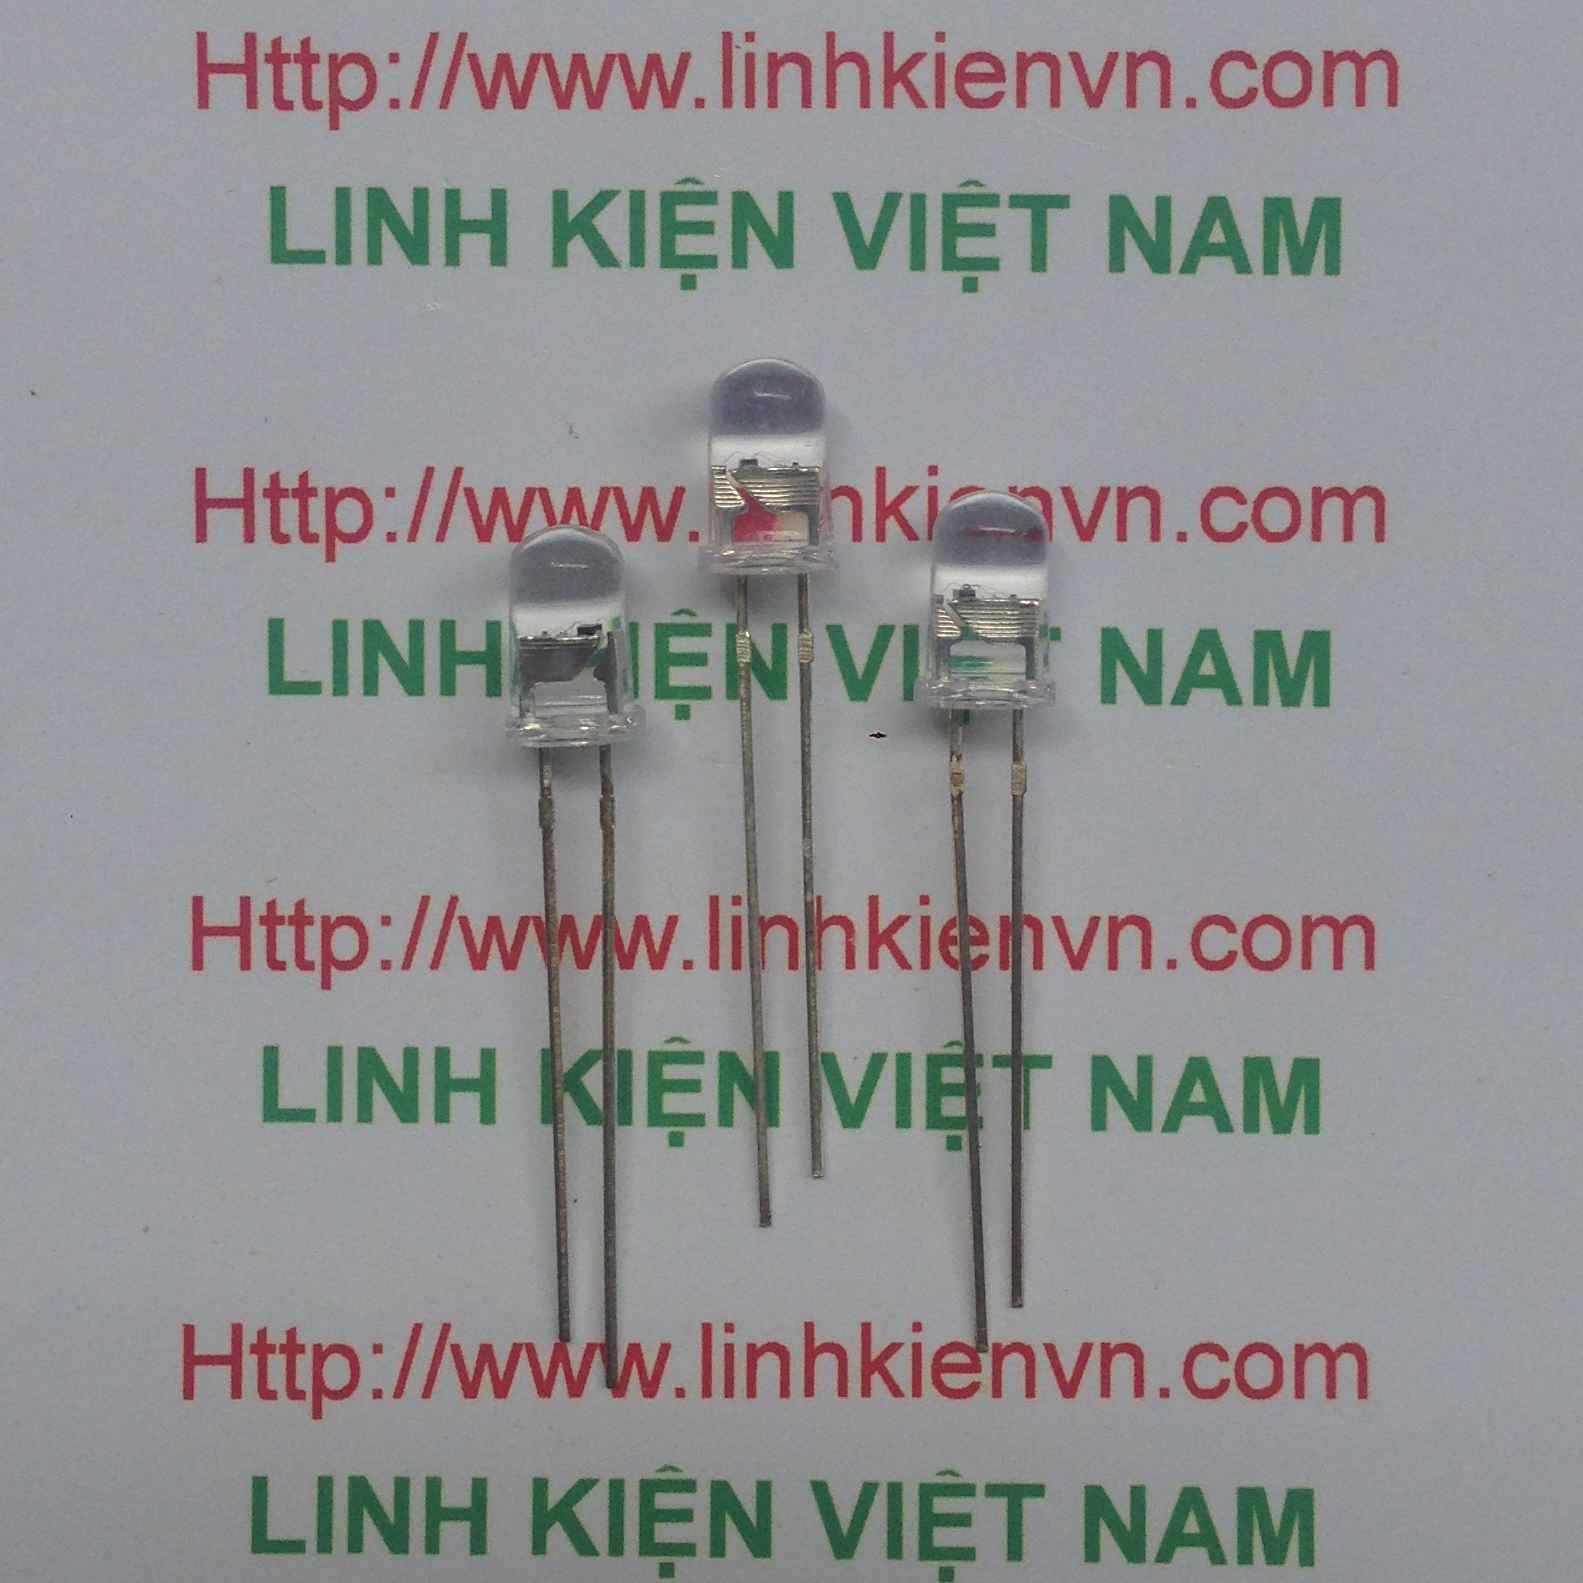 Led siêu sáng 7 màu 5mm - A3H3